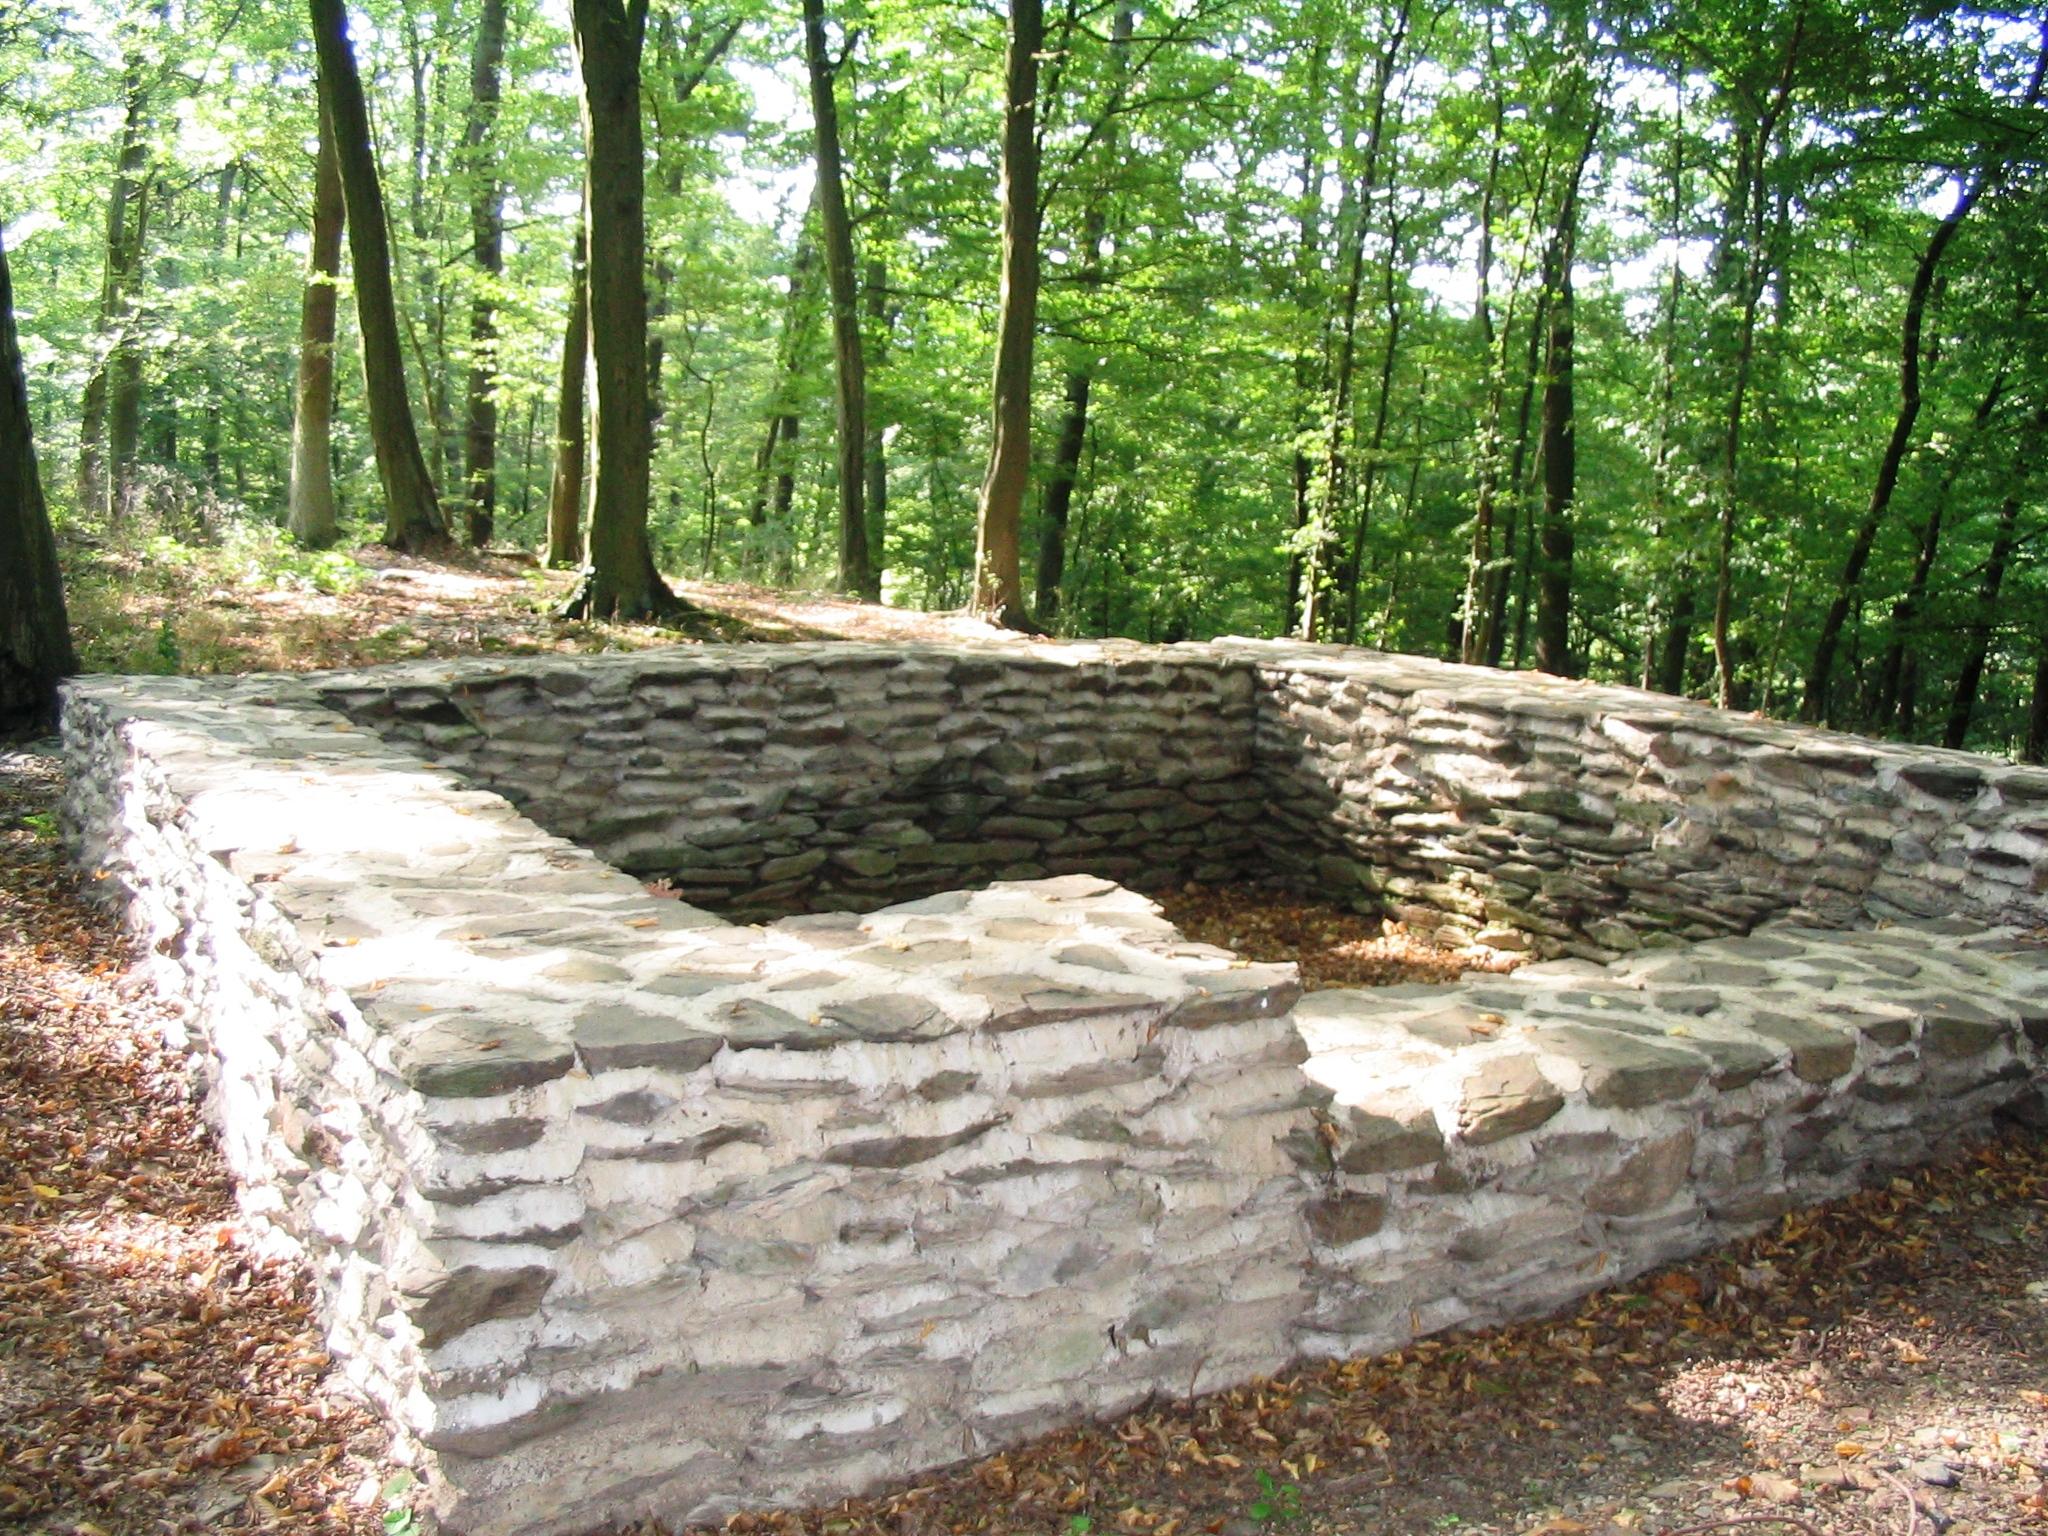 Fundamente eines Wachturms